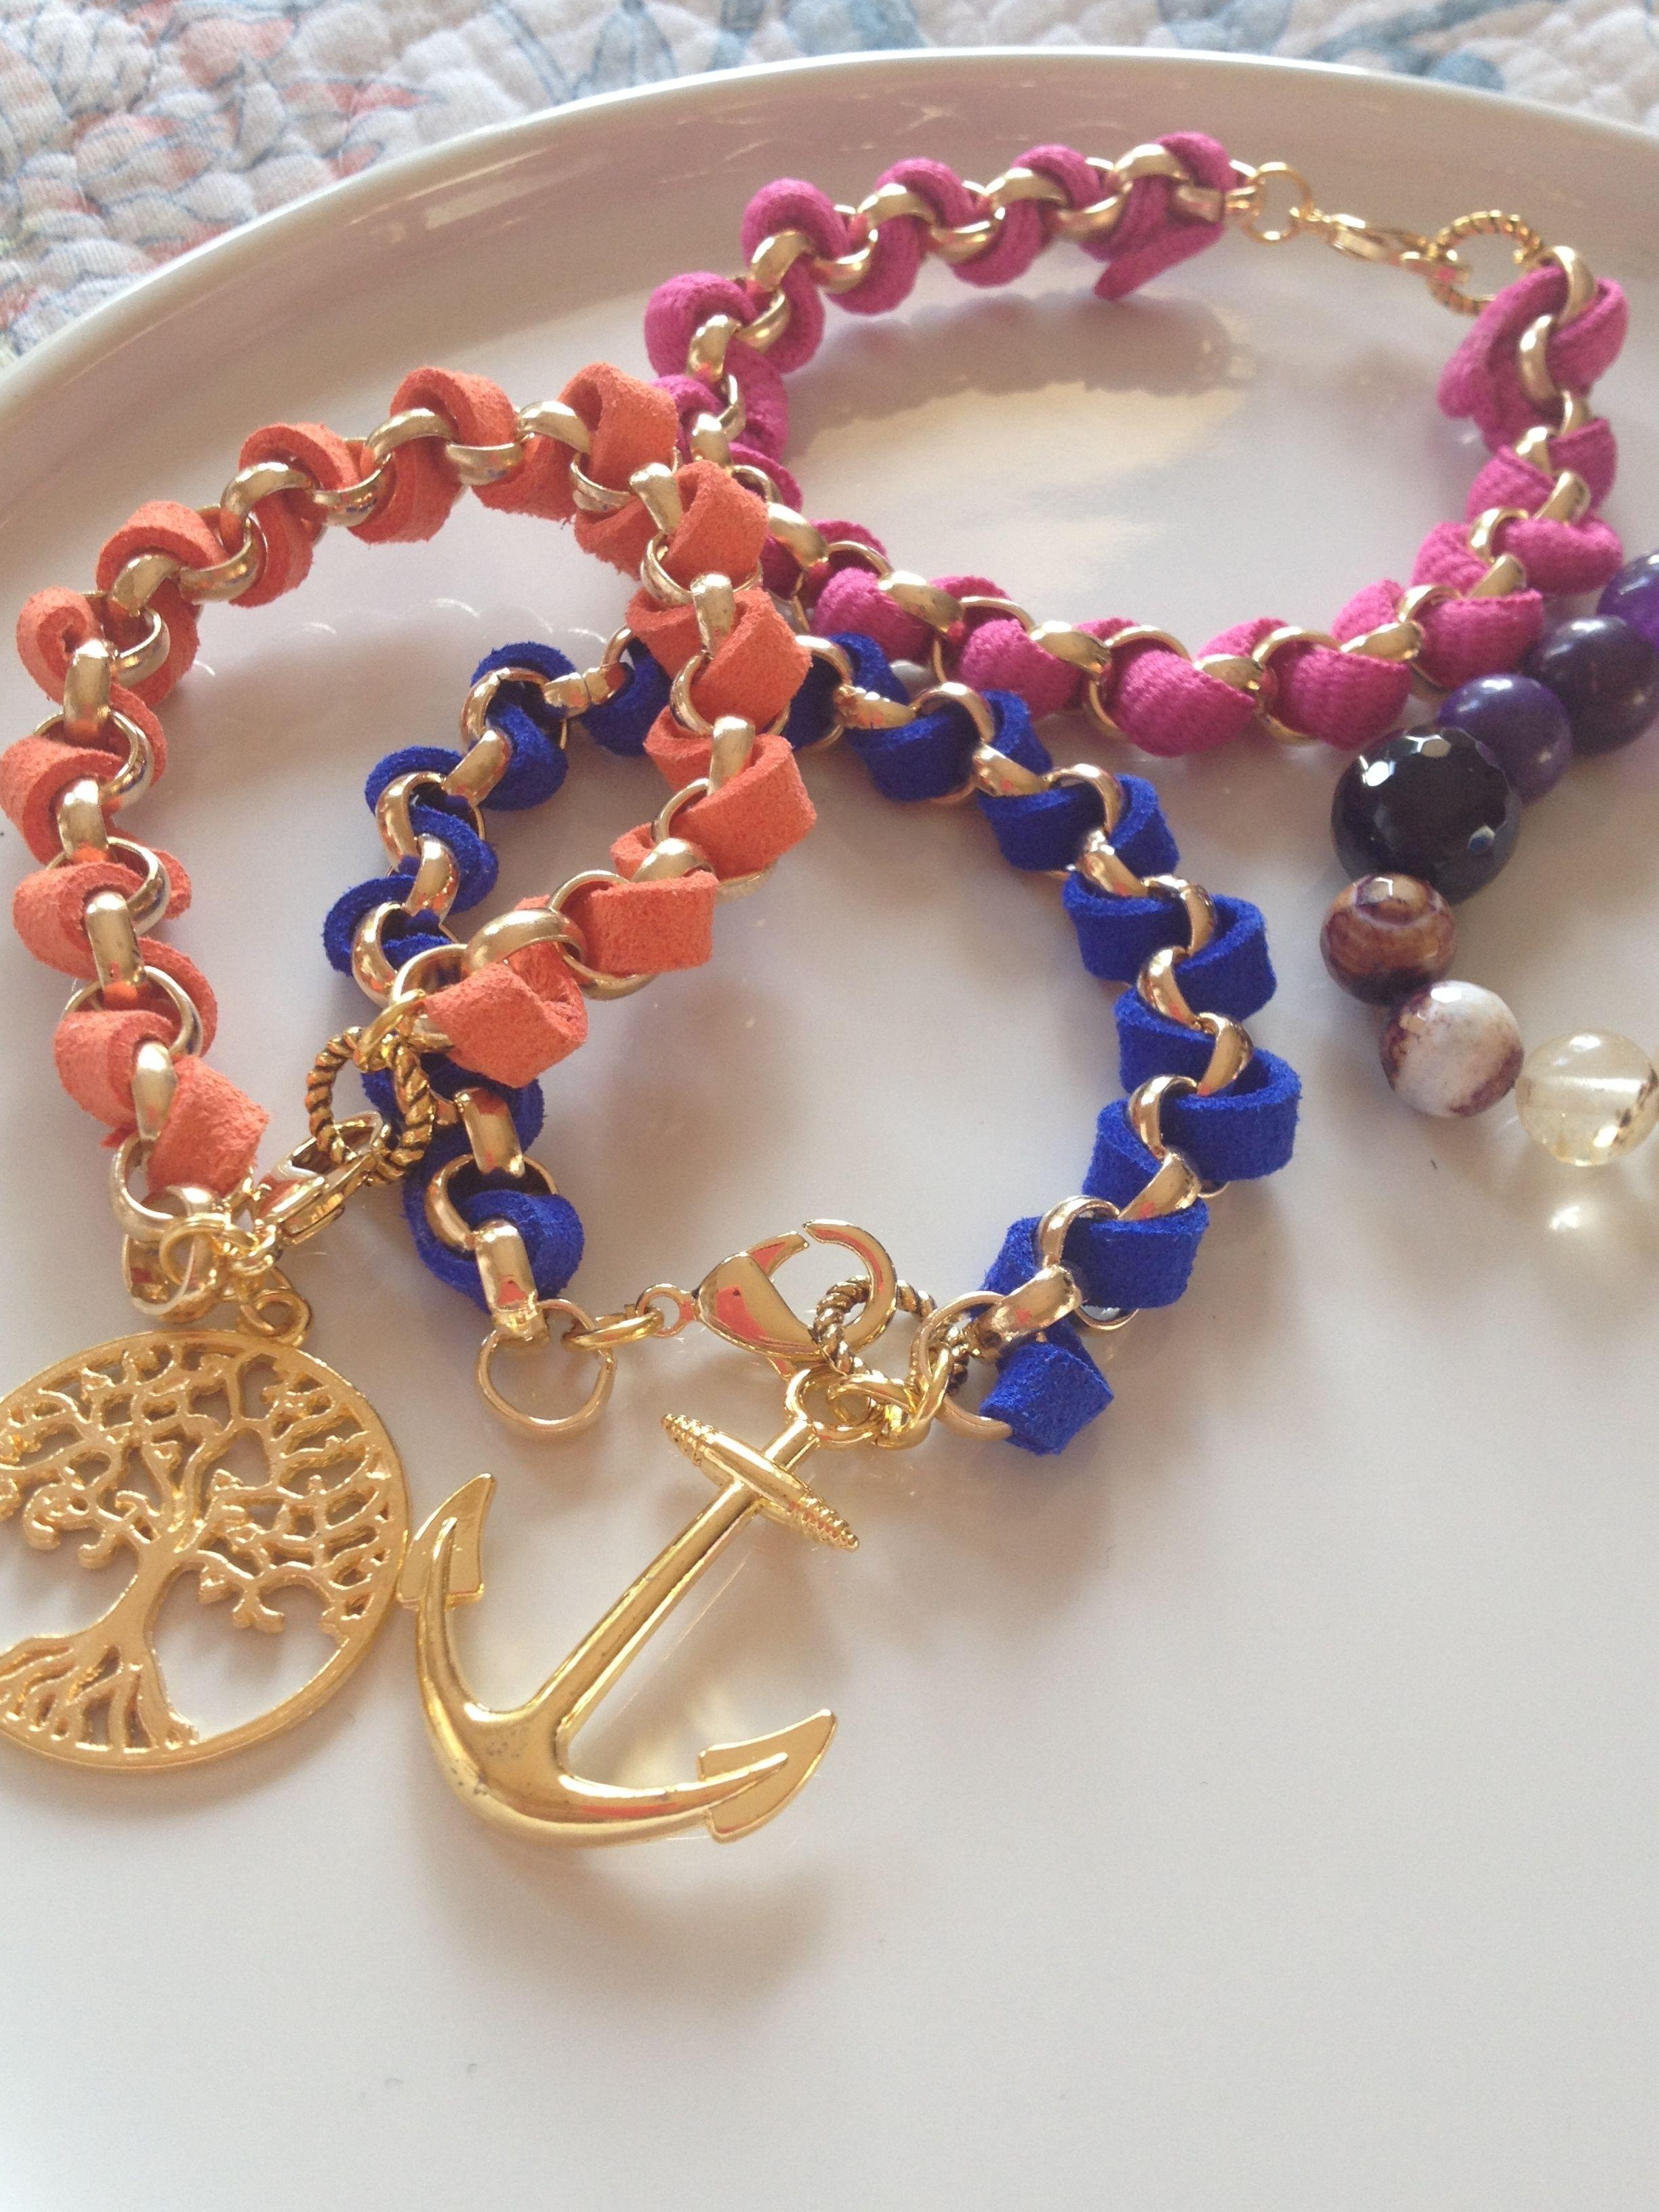 pulseras de cadena y cintas de gamuza